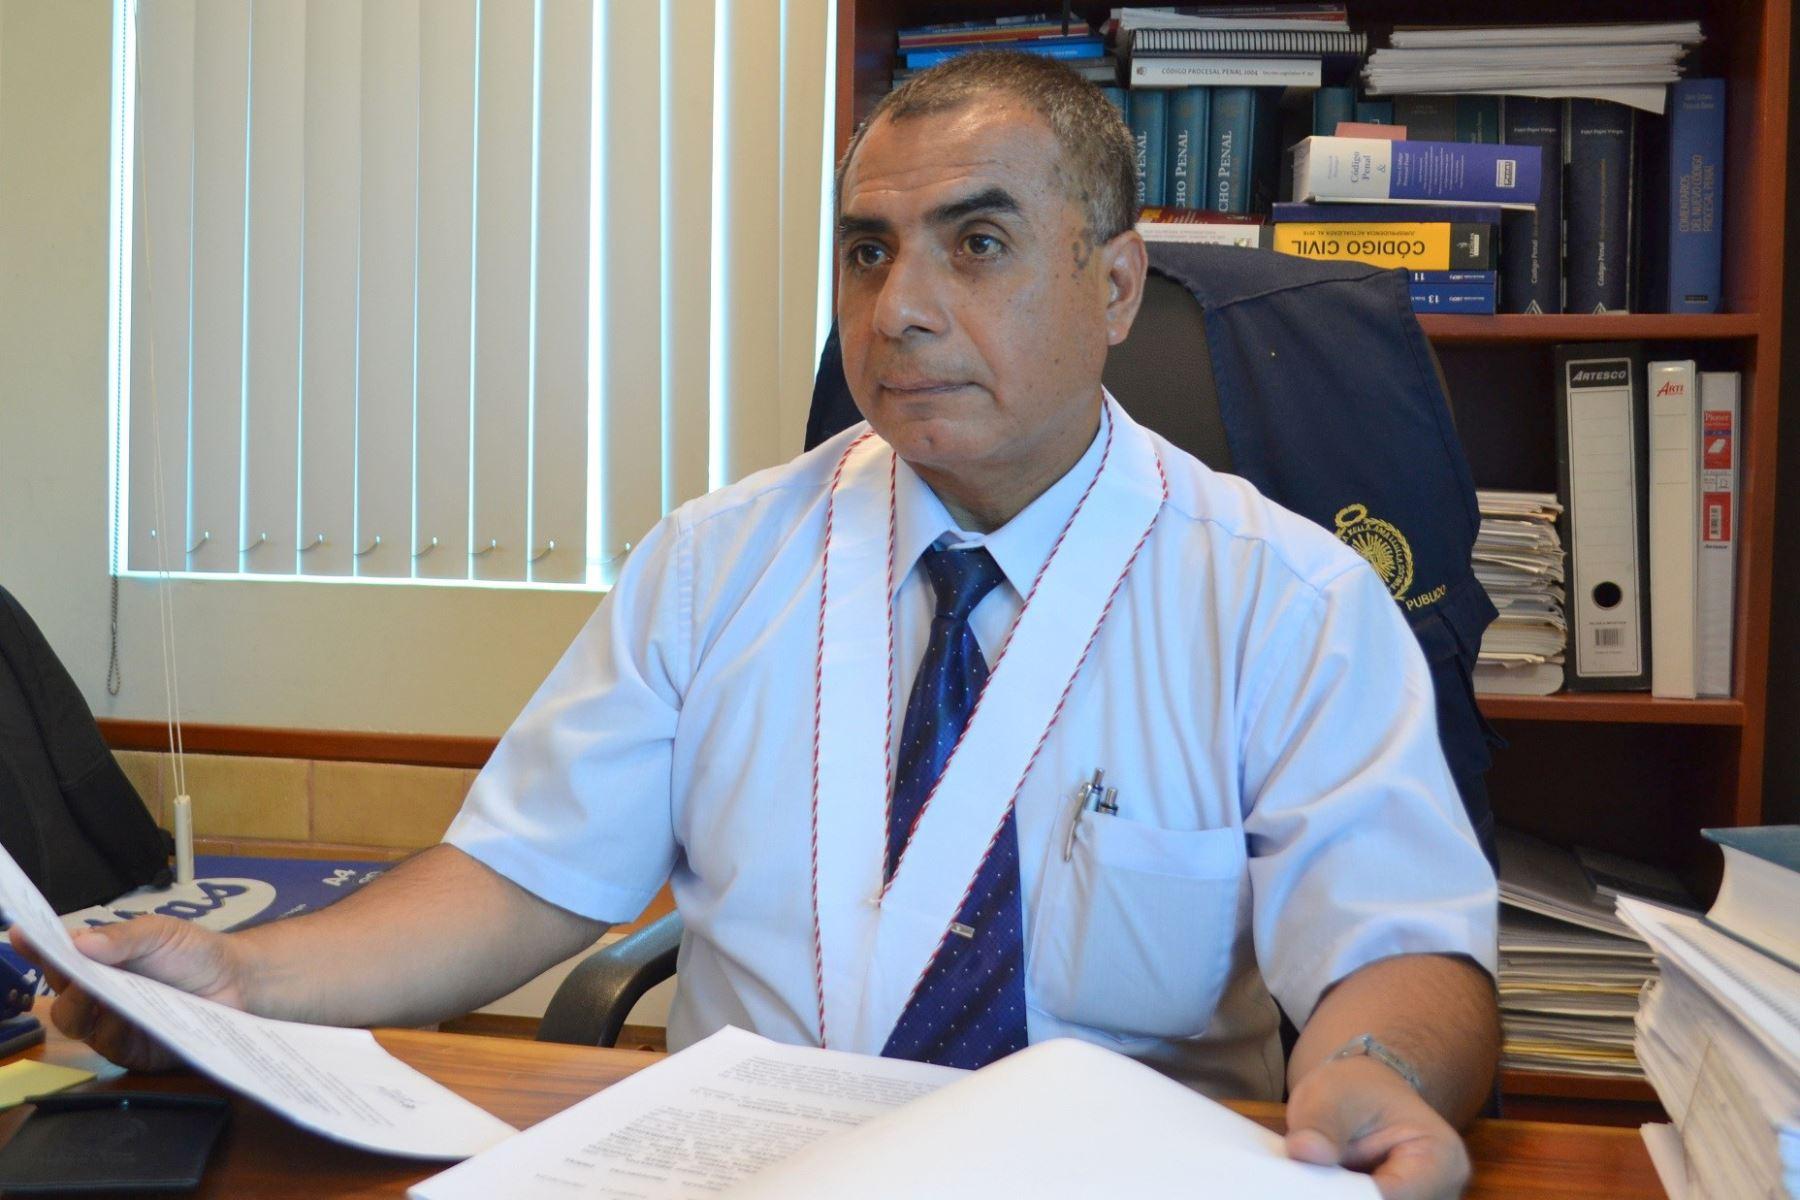 Magistrado de la Segunda Fiscalía Provincial Penal Corporativa de Chiclayo (Lambayeque), Carlos Cáceres Alejos.